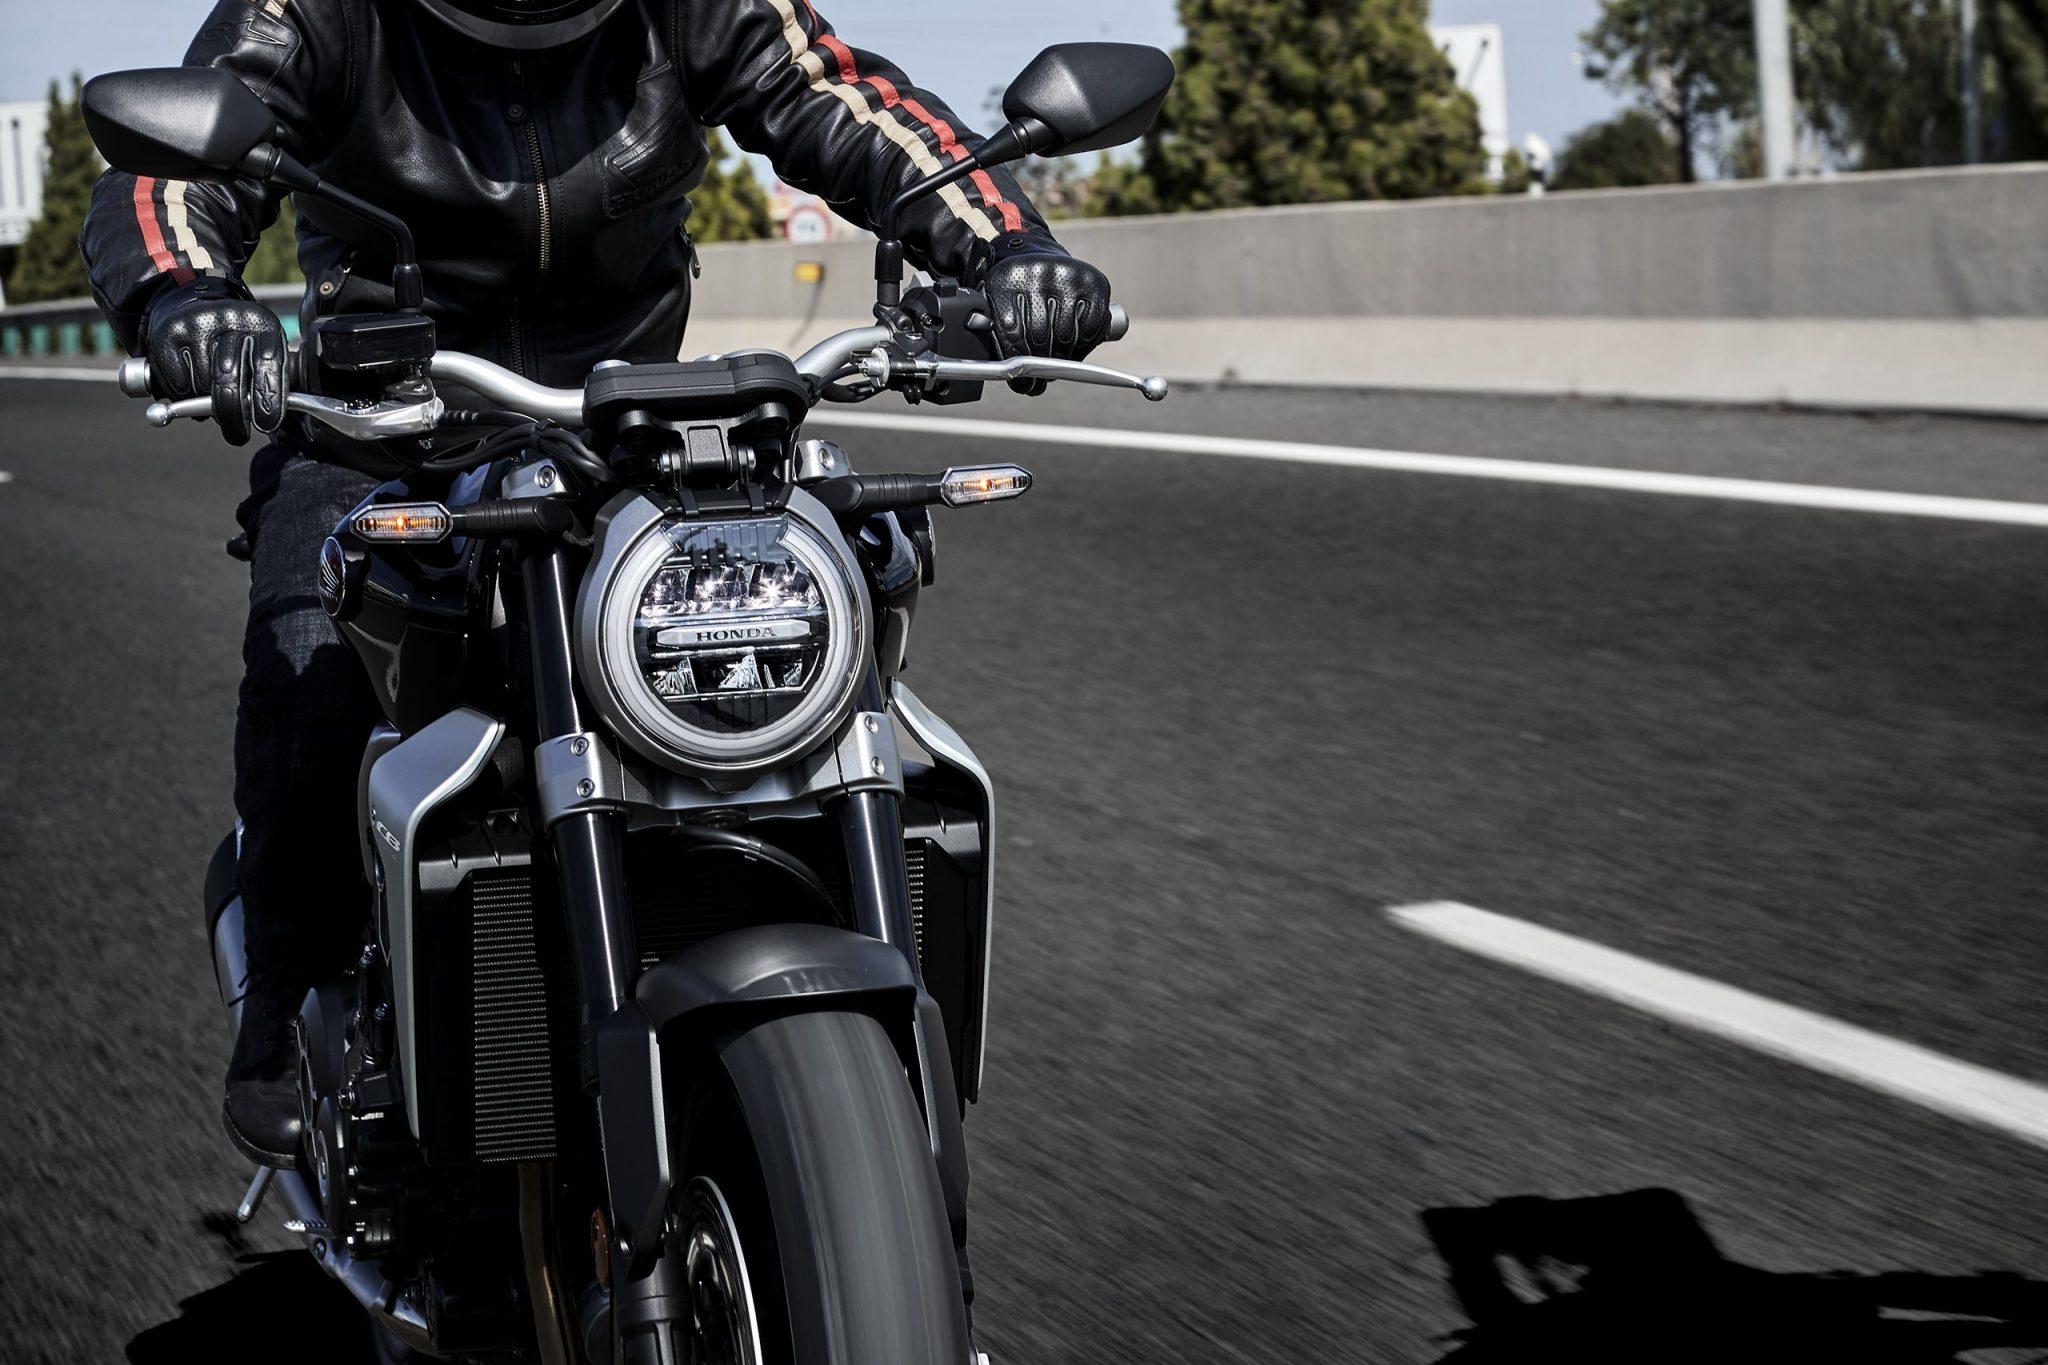 Honda Bike CB1000R 2018 bei Auto Stahl Frontansicht Schwarz Scheinwerfer Straße